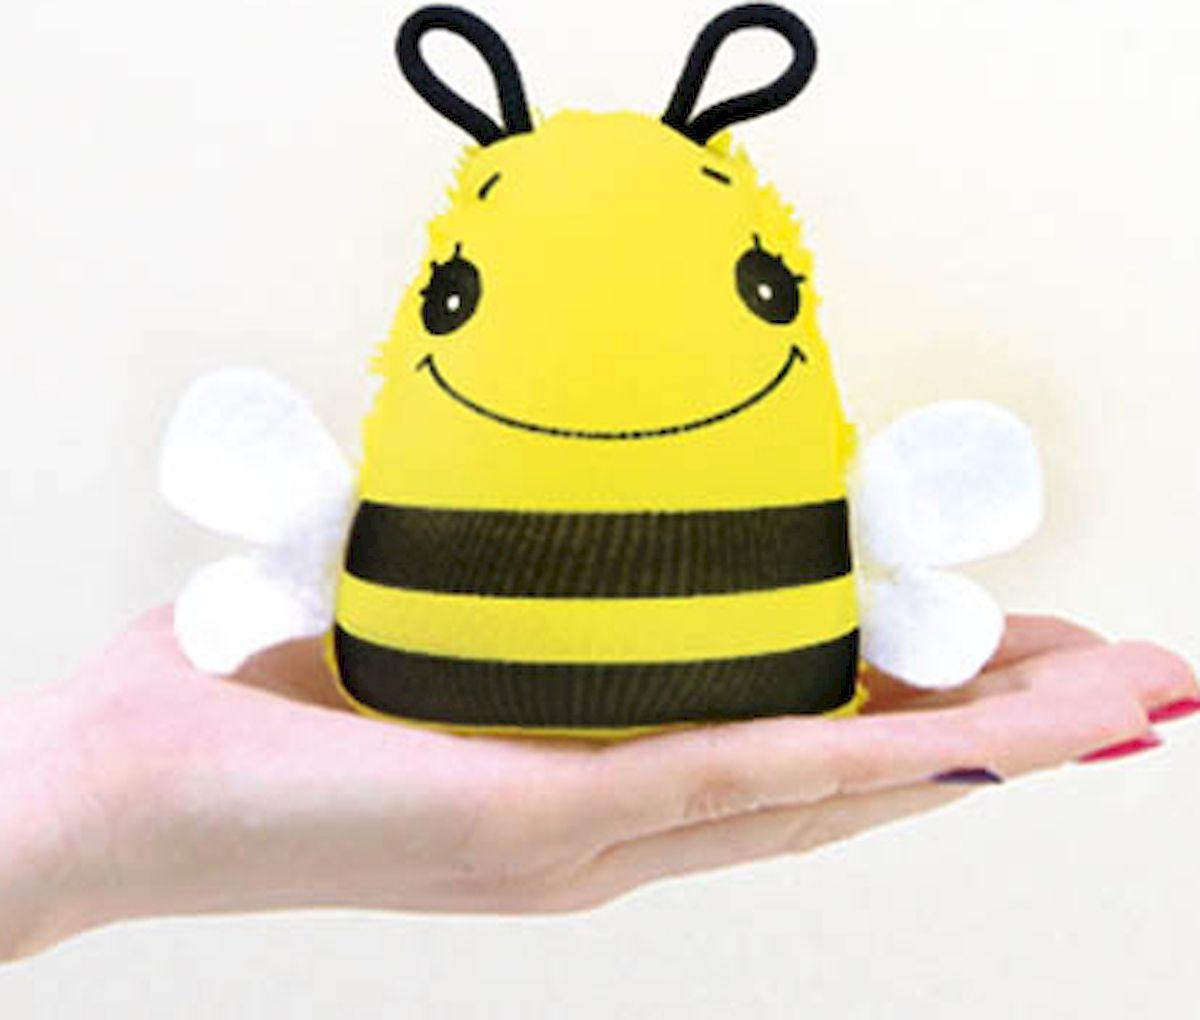 Игрушка для ванной Штучки, к которым тянутся ручки 14игг01ив-16 желтый